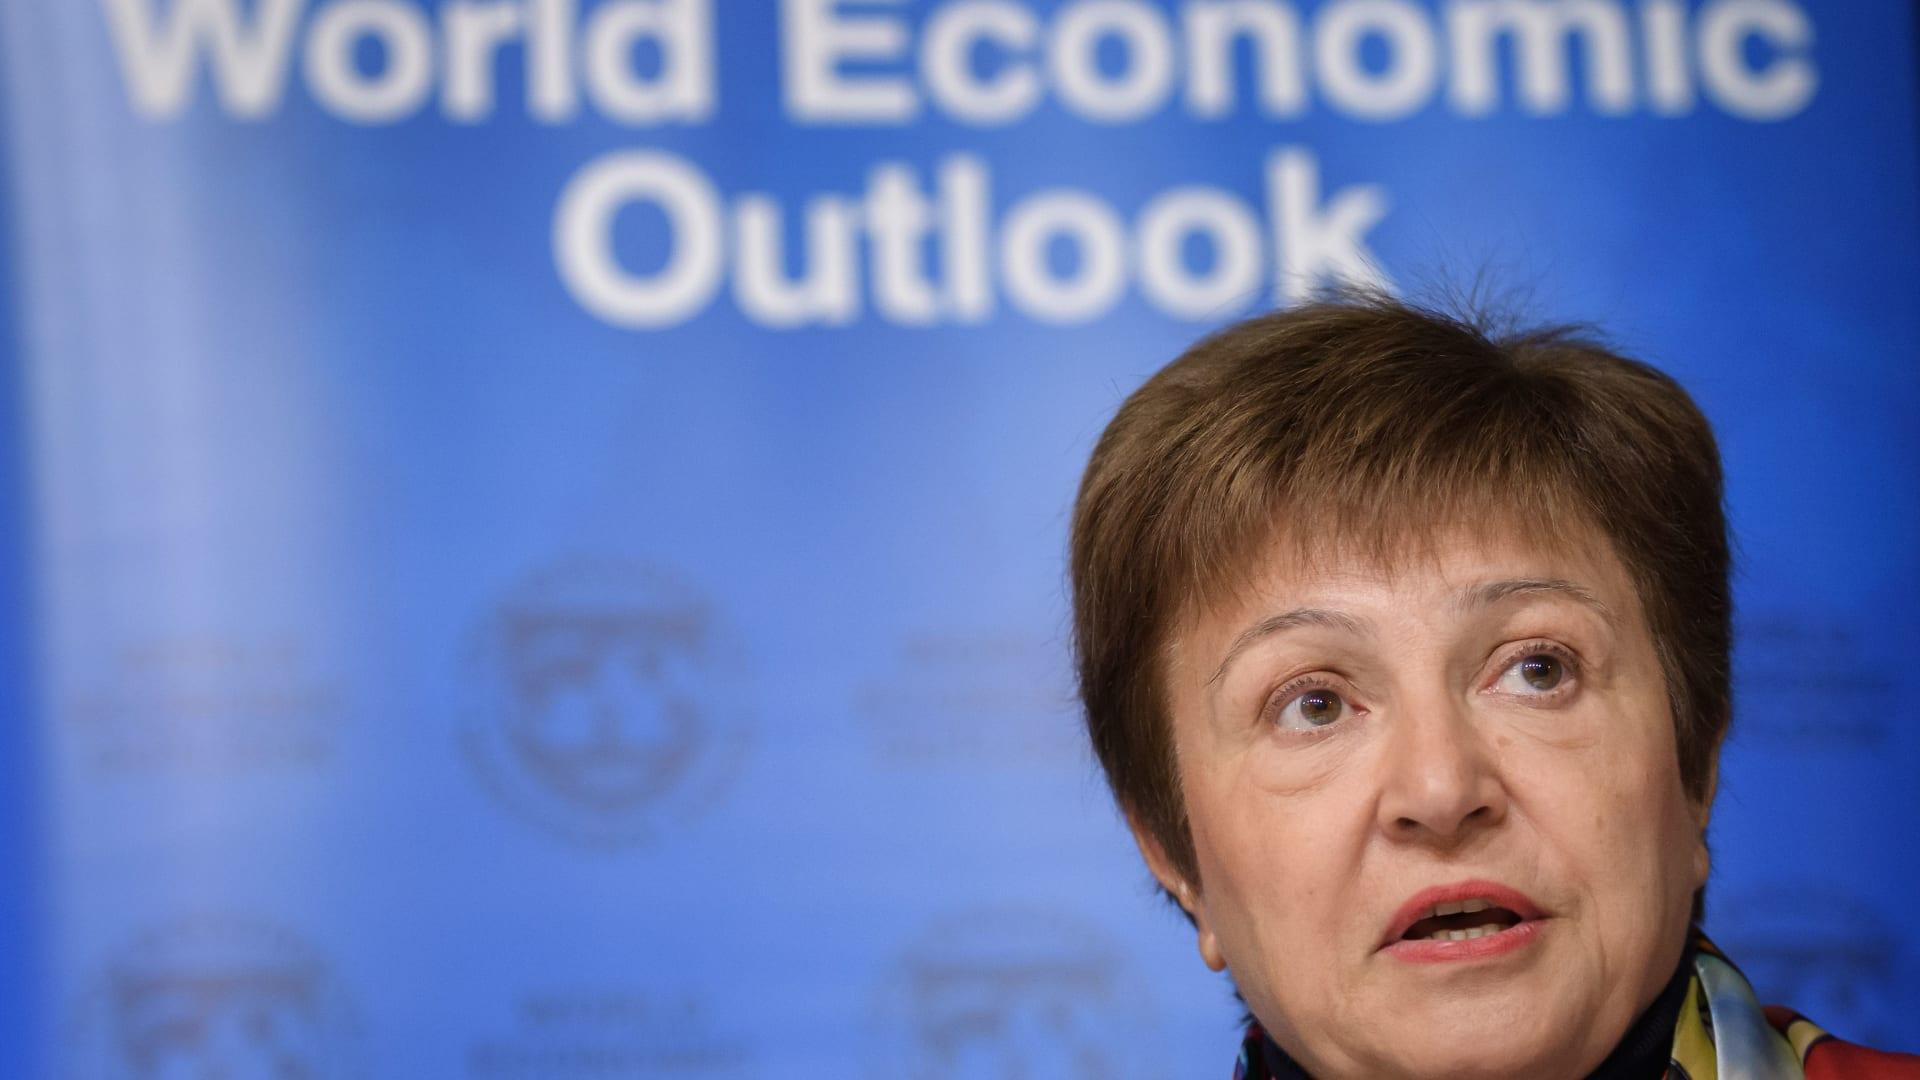 صندوق النقد الدولي يخفض توقعاته لنمو الاقتصاد العالمي في 2020